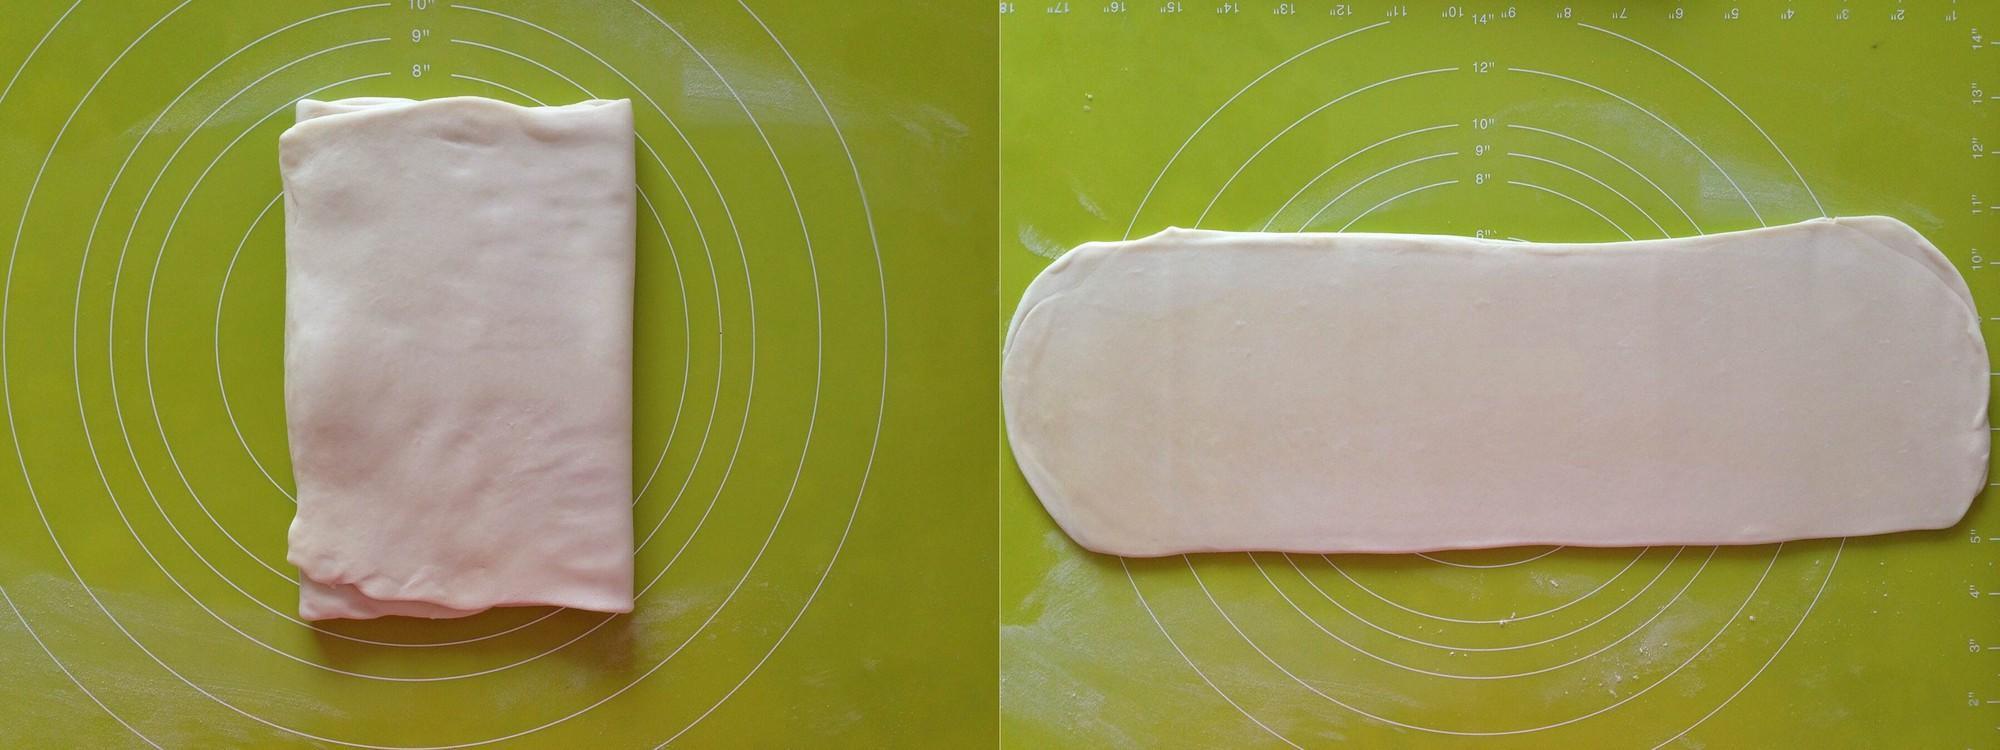 Không cần lò nướng cũng làm được bánh xoắn ốc siêu đẹp siêu ngon-2